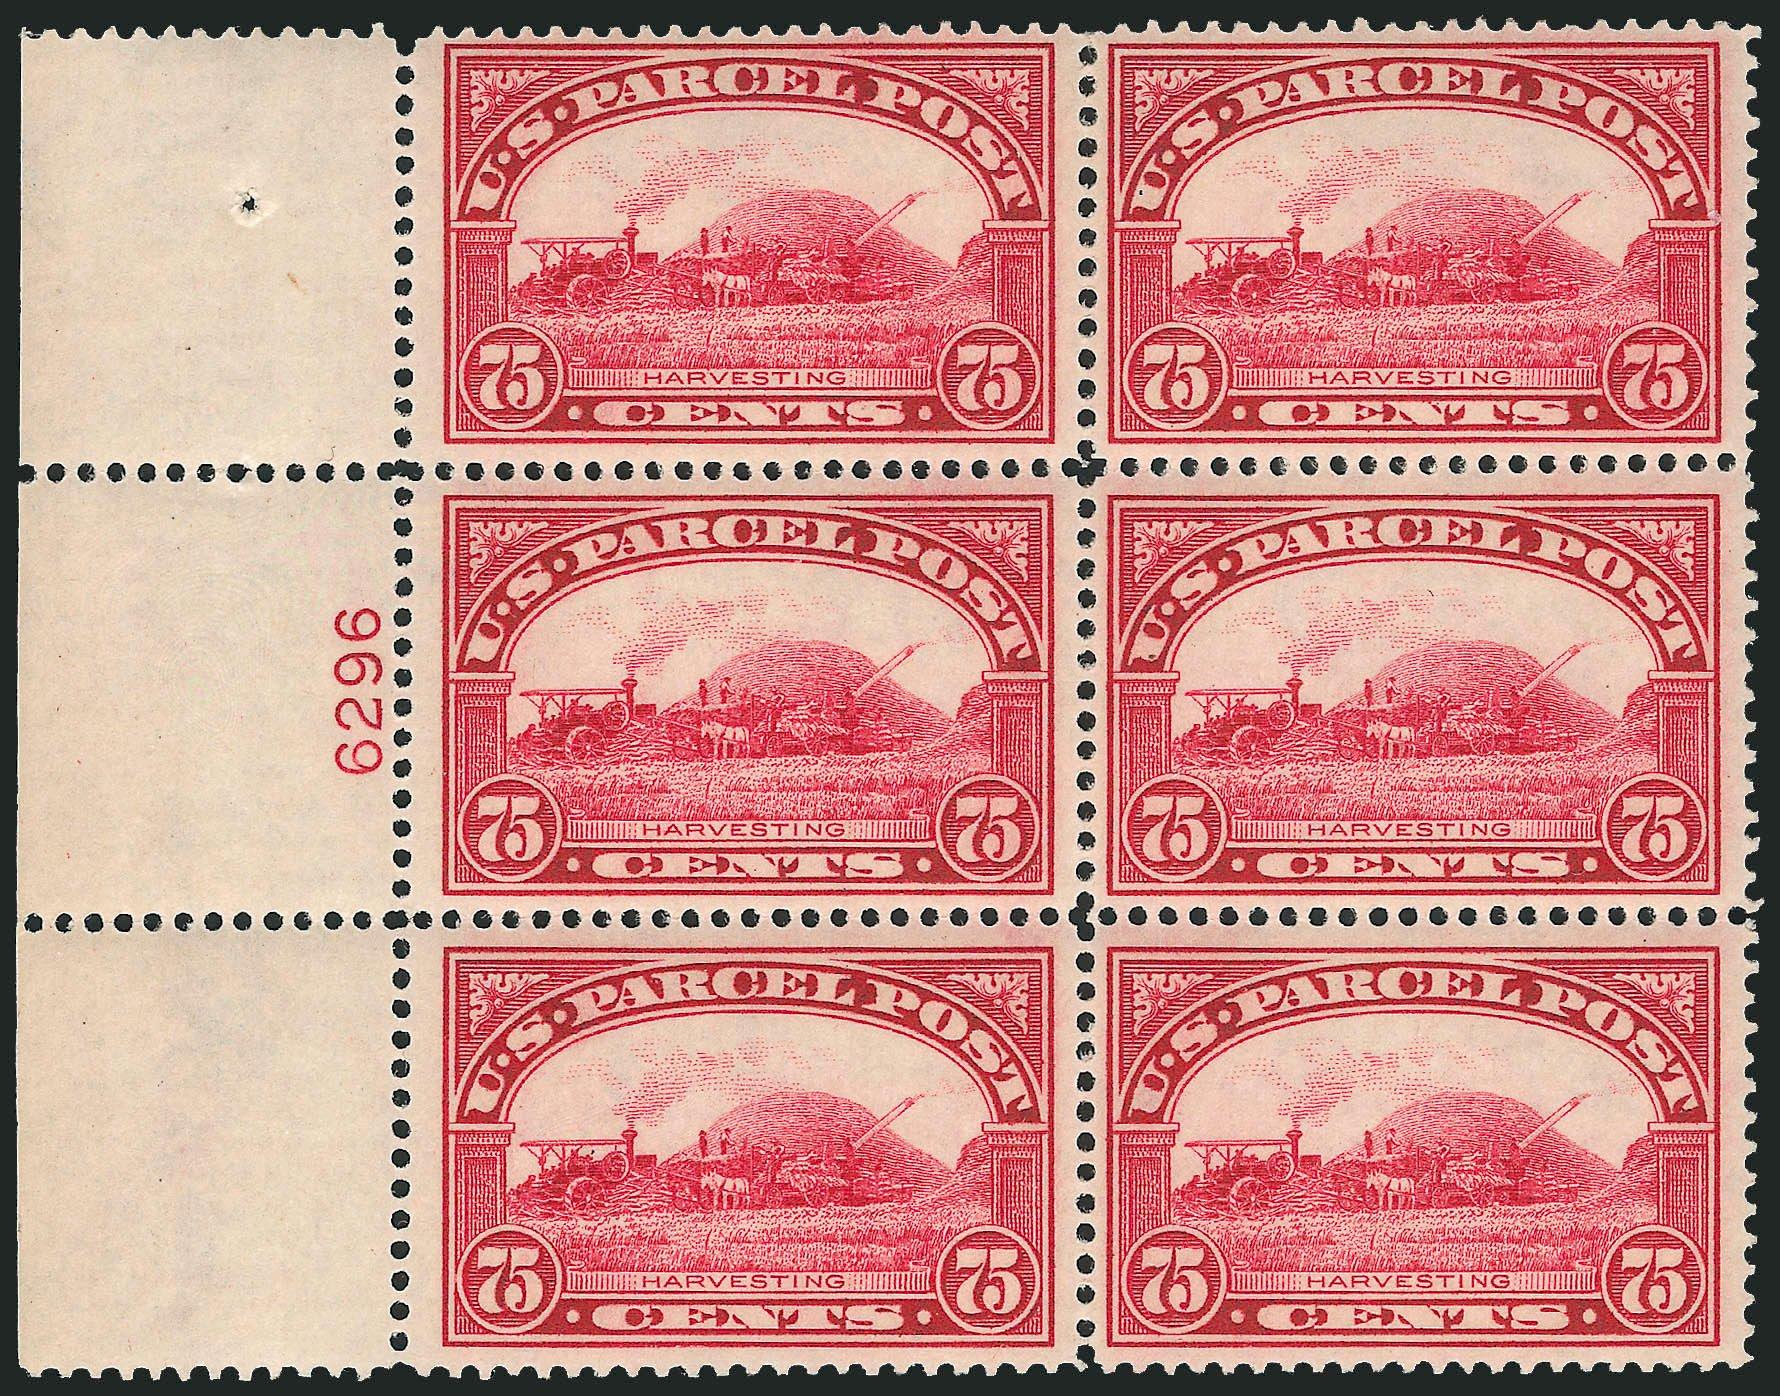 US Stamps Price Scott Q11: 75c 1913 Parcel Post. Robert Siegel Auction Galleries, Apr 2009, Sale 971, Lot 2200